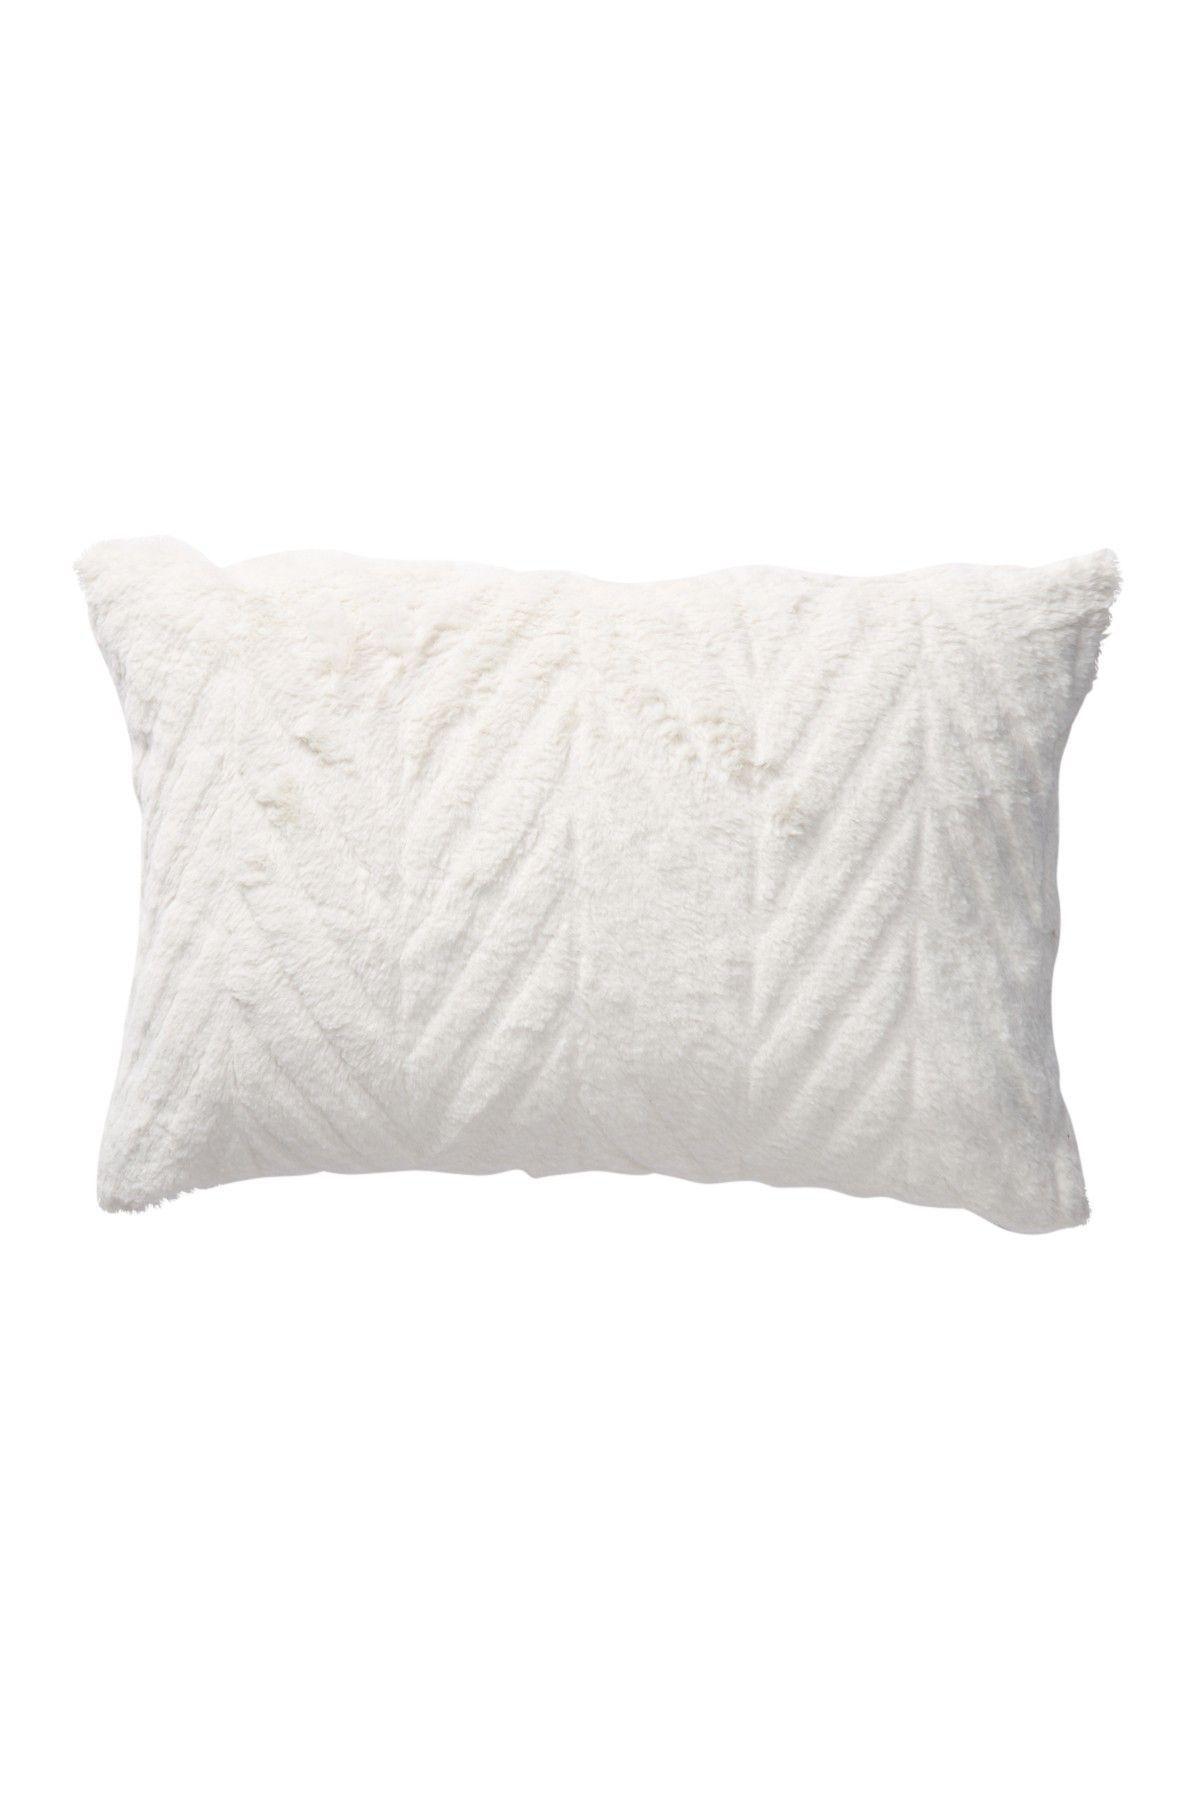 487ff6c99ee Chevron Faux Fur Pillow - 14x20